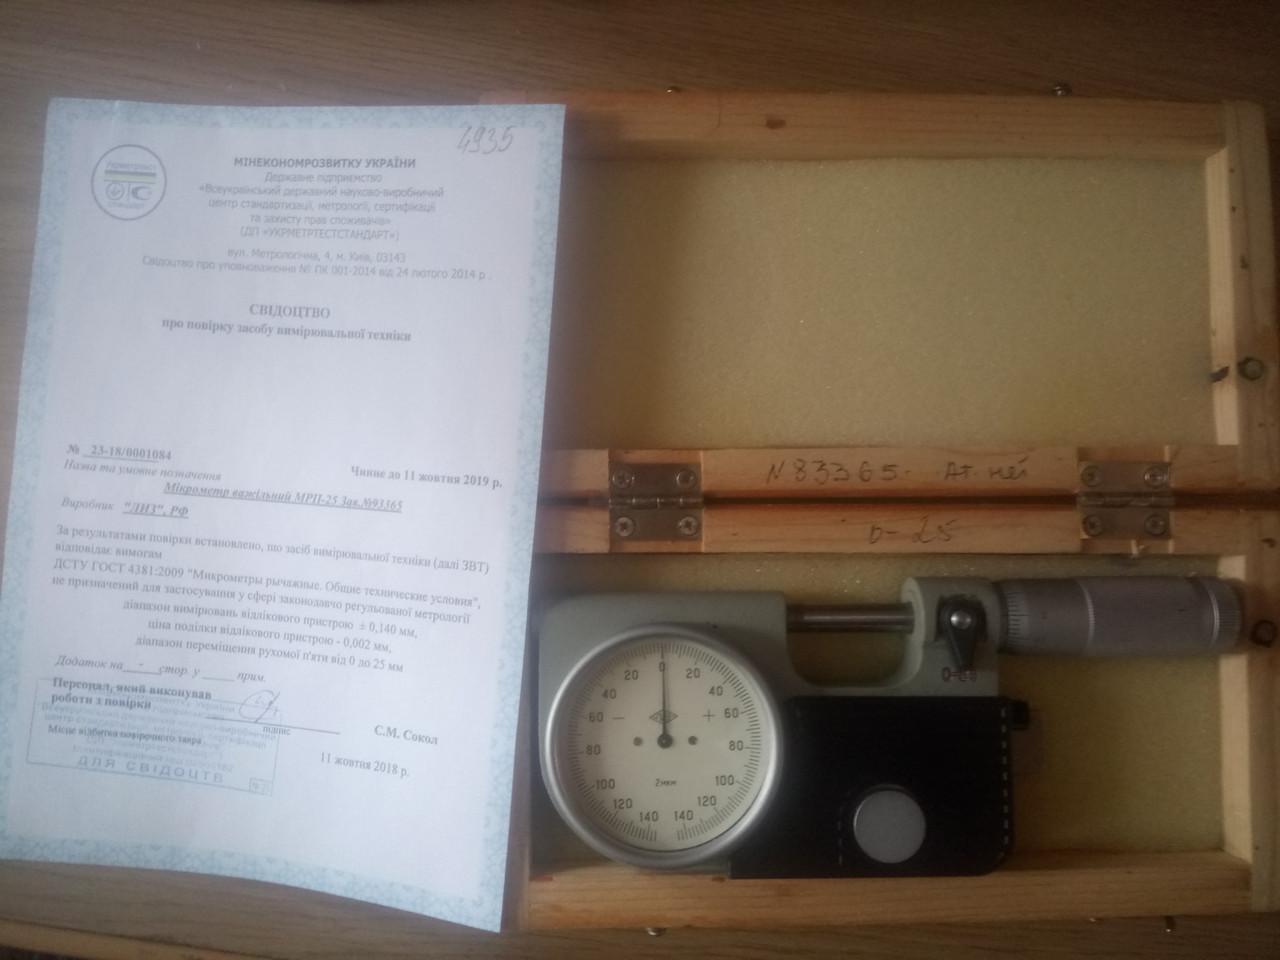 Микрометр рычажный   МР-25 (0-25)  поверен в УкрЦСМ (Возможна калибровка в УкрЦСМ)